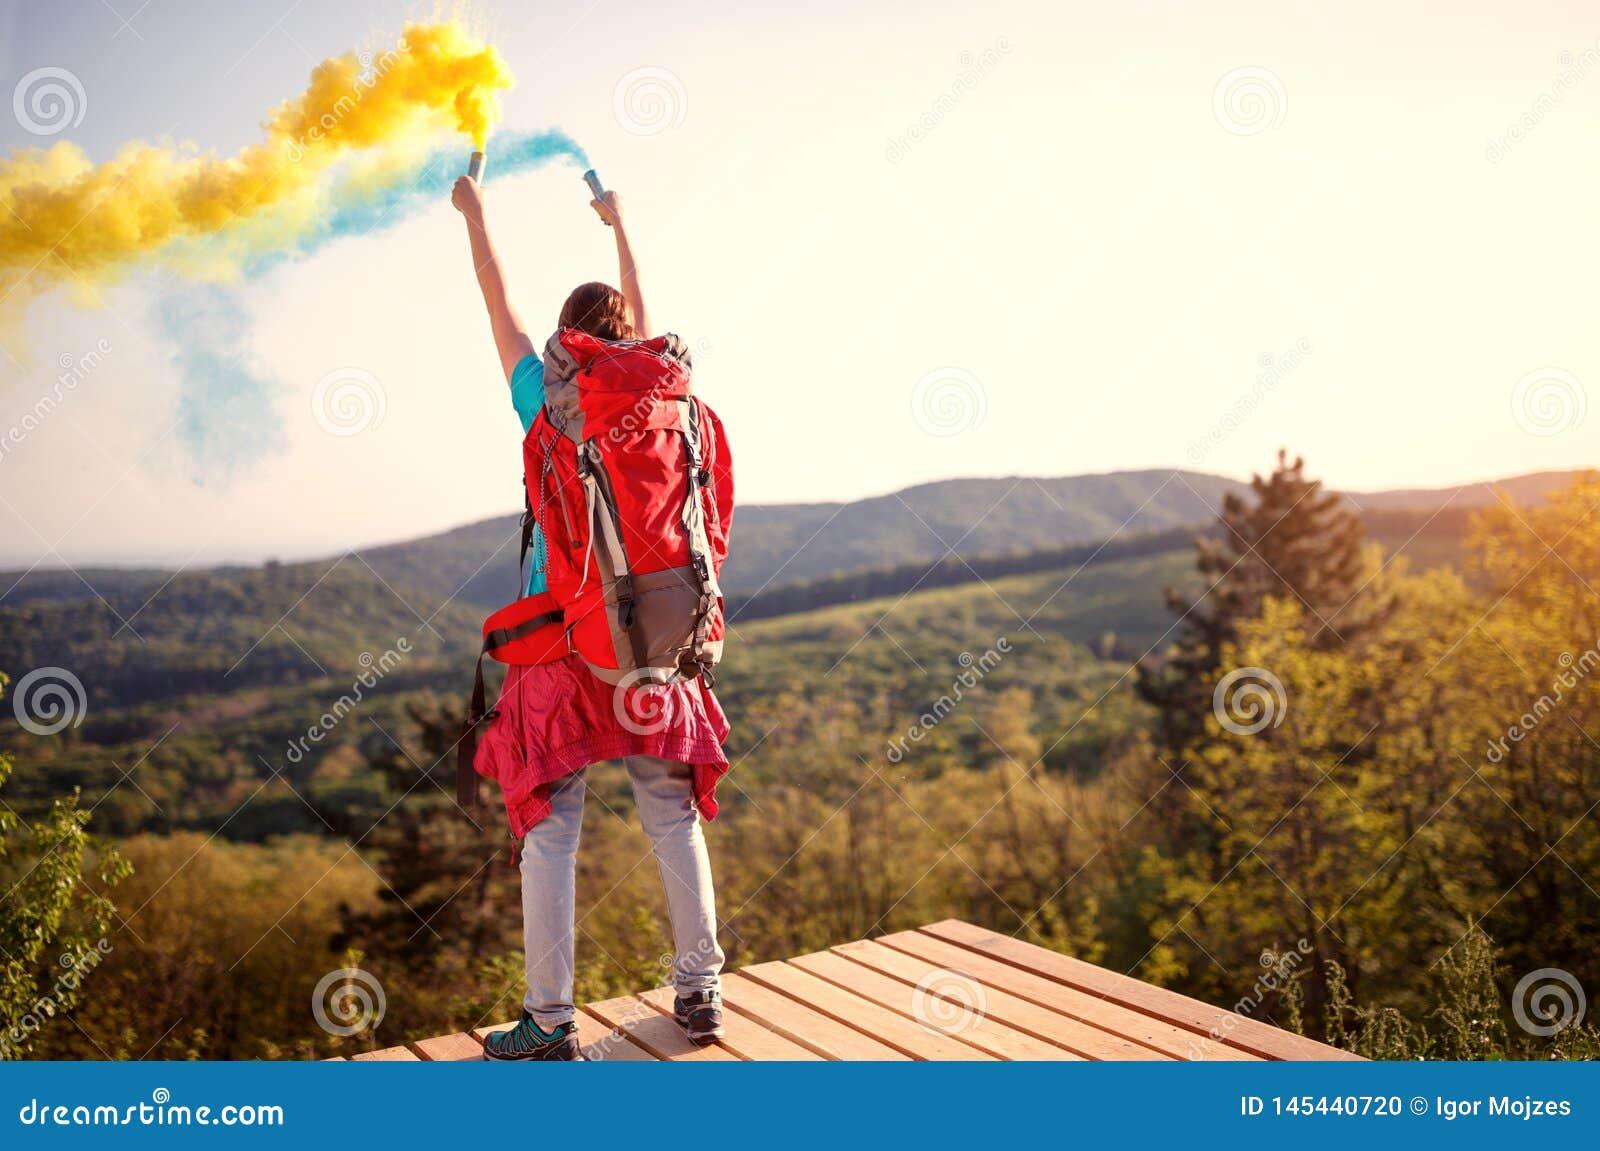 徒步旅行者女孩用拿着火炬的手与黄色和蓝色烟